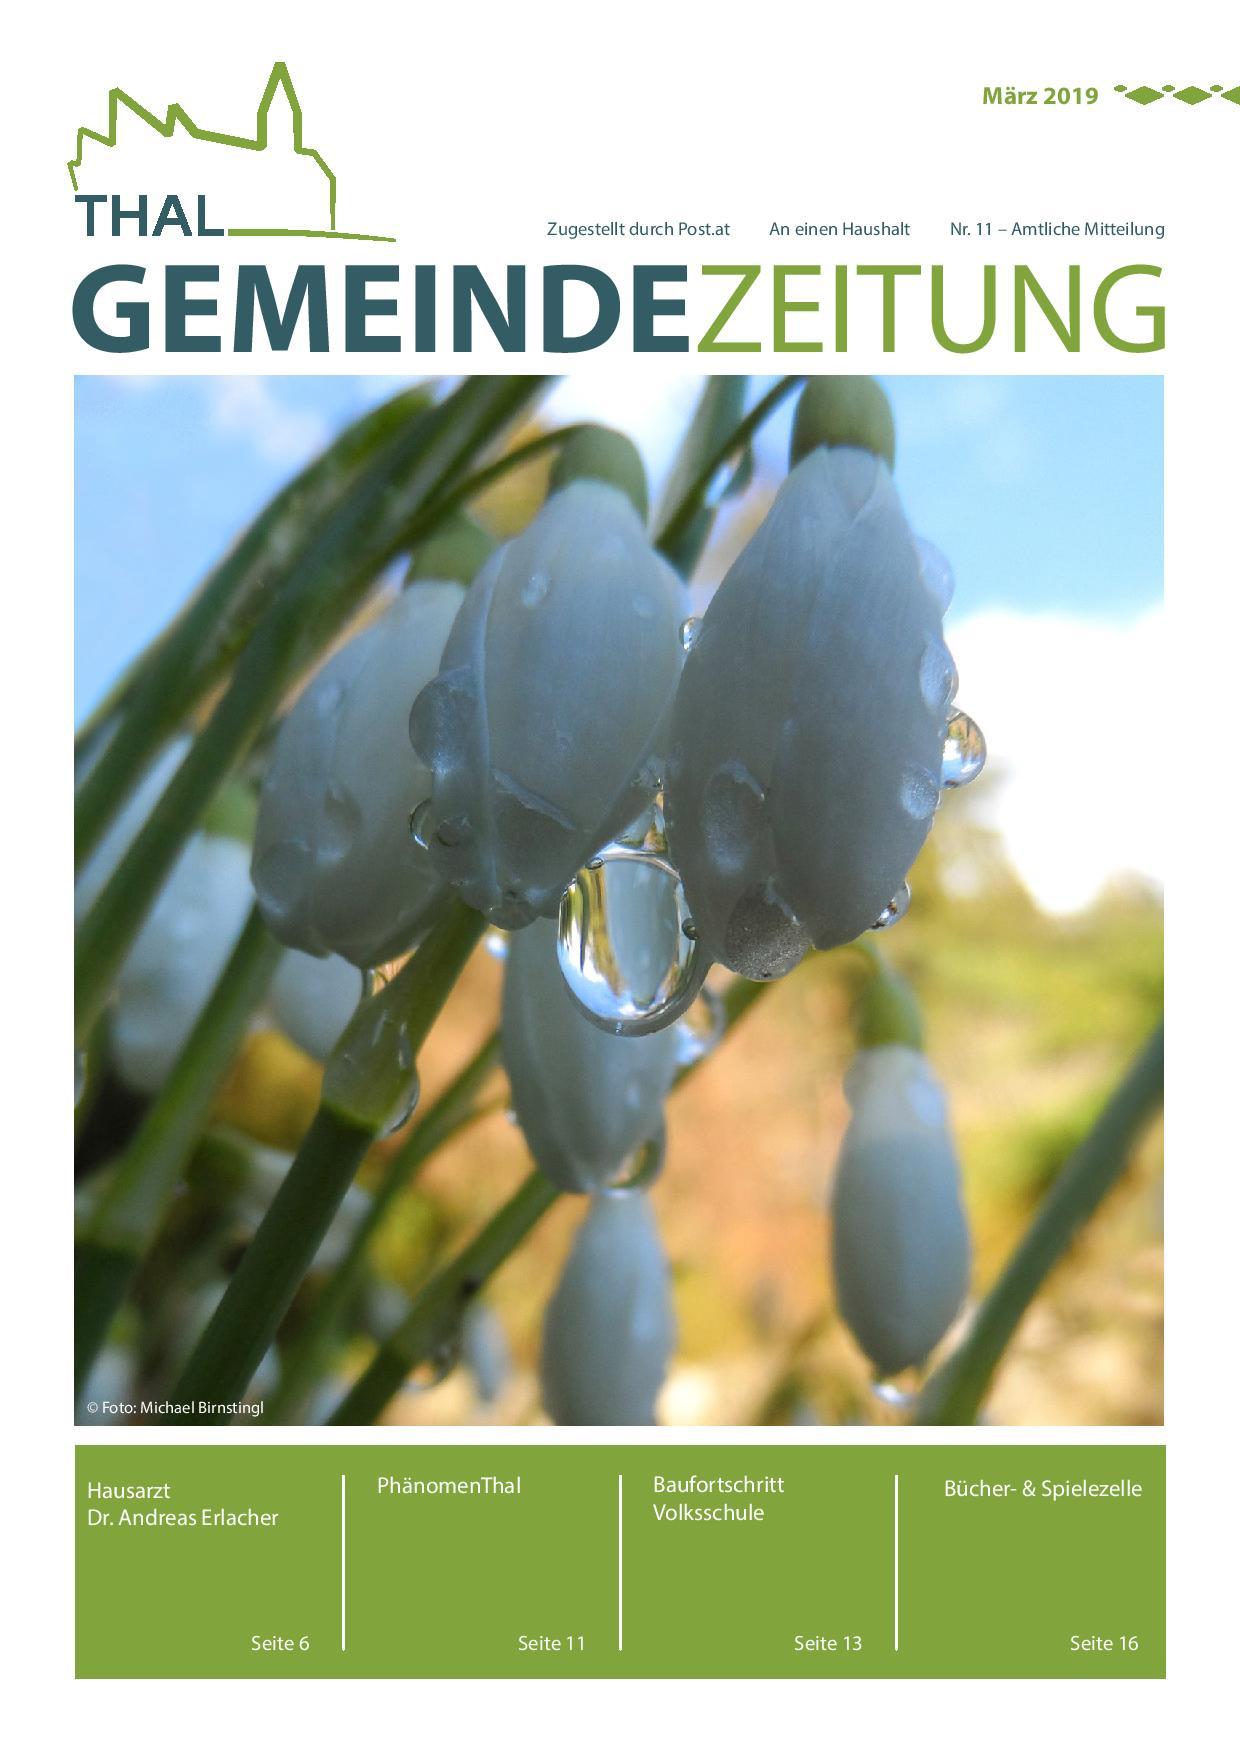 Gemeinde Zeitung März 2019-page-001